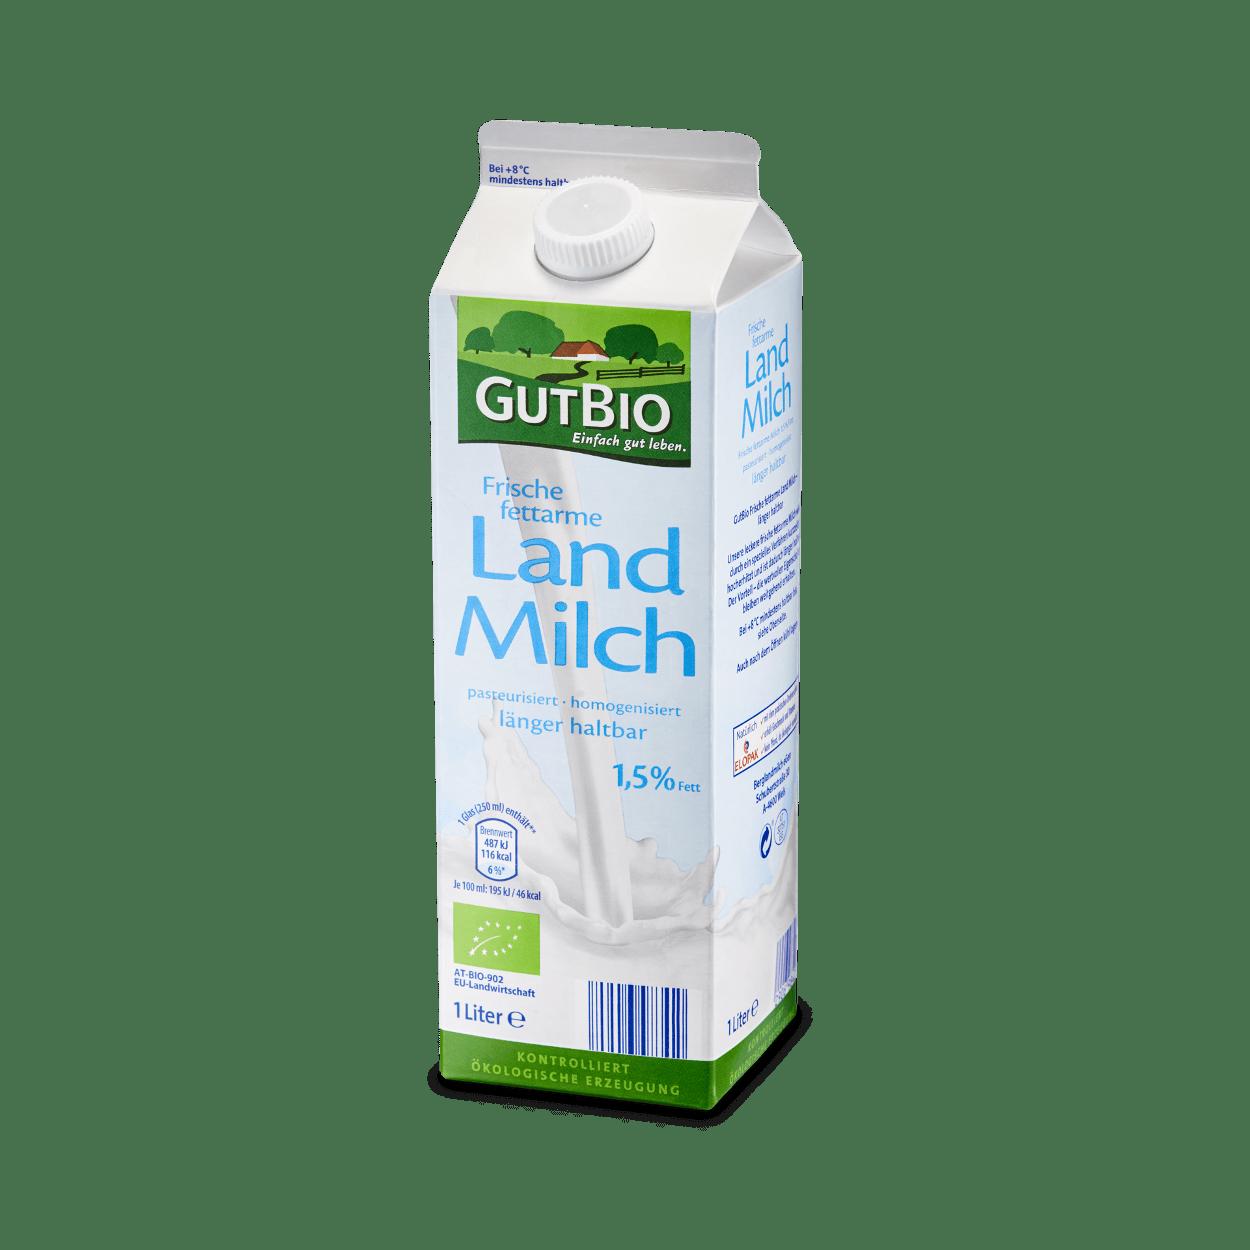 Aldi Milch